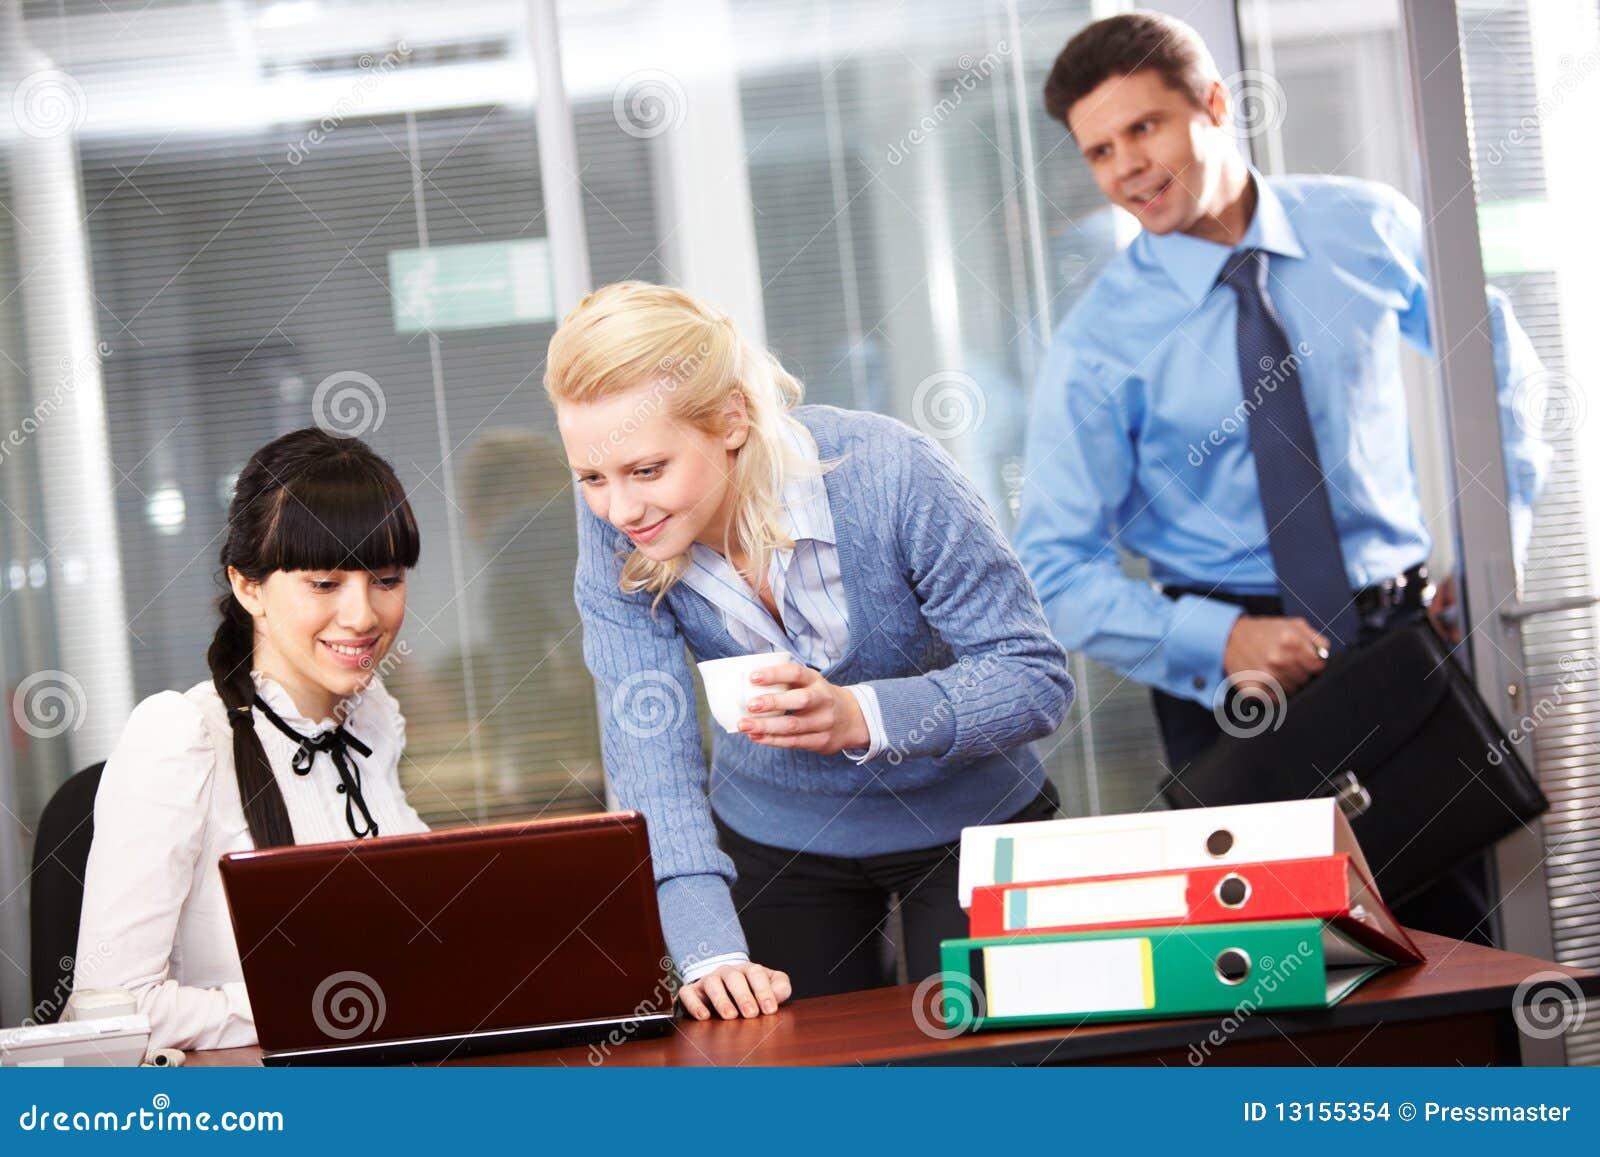 Büroarbeit stockfoto. Bild von zuhause, glücklich, korporativ - 13155354